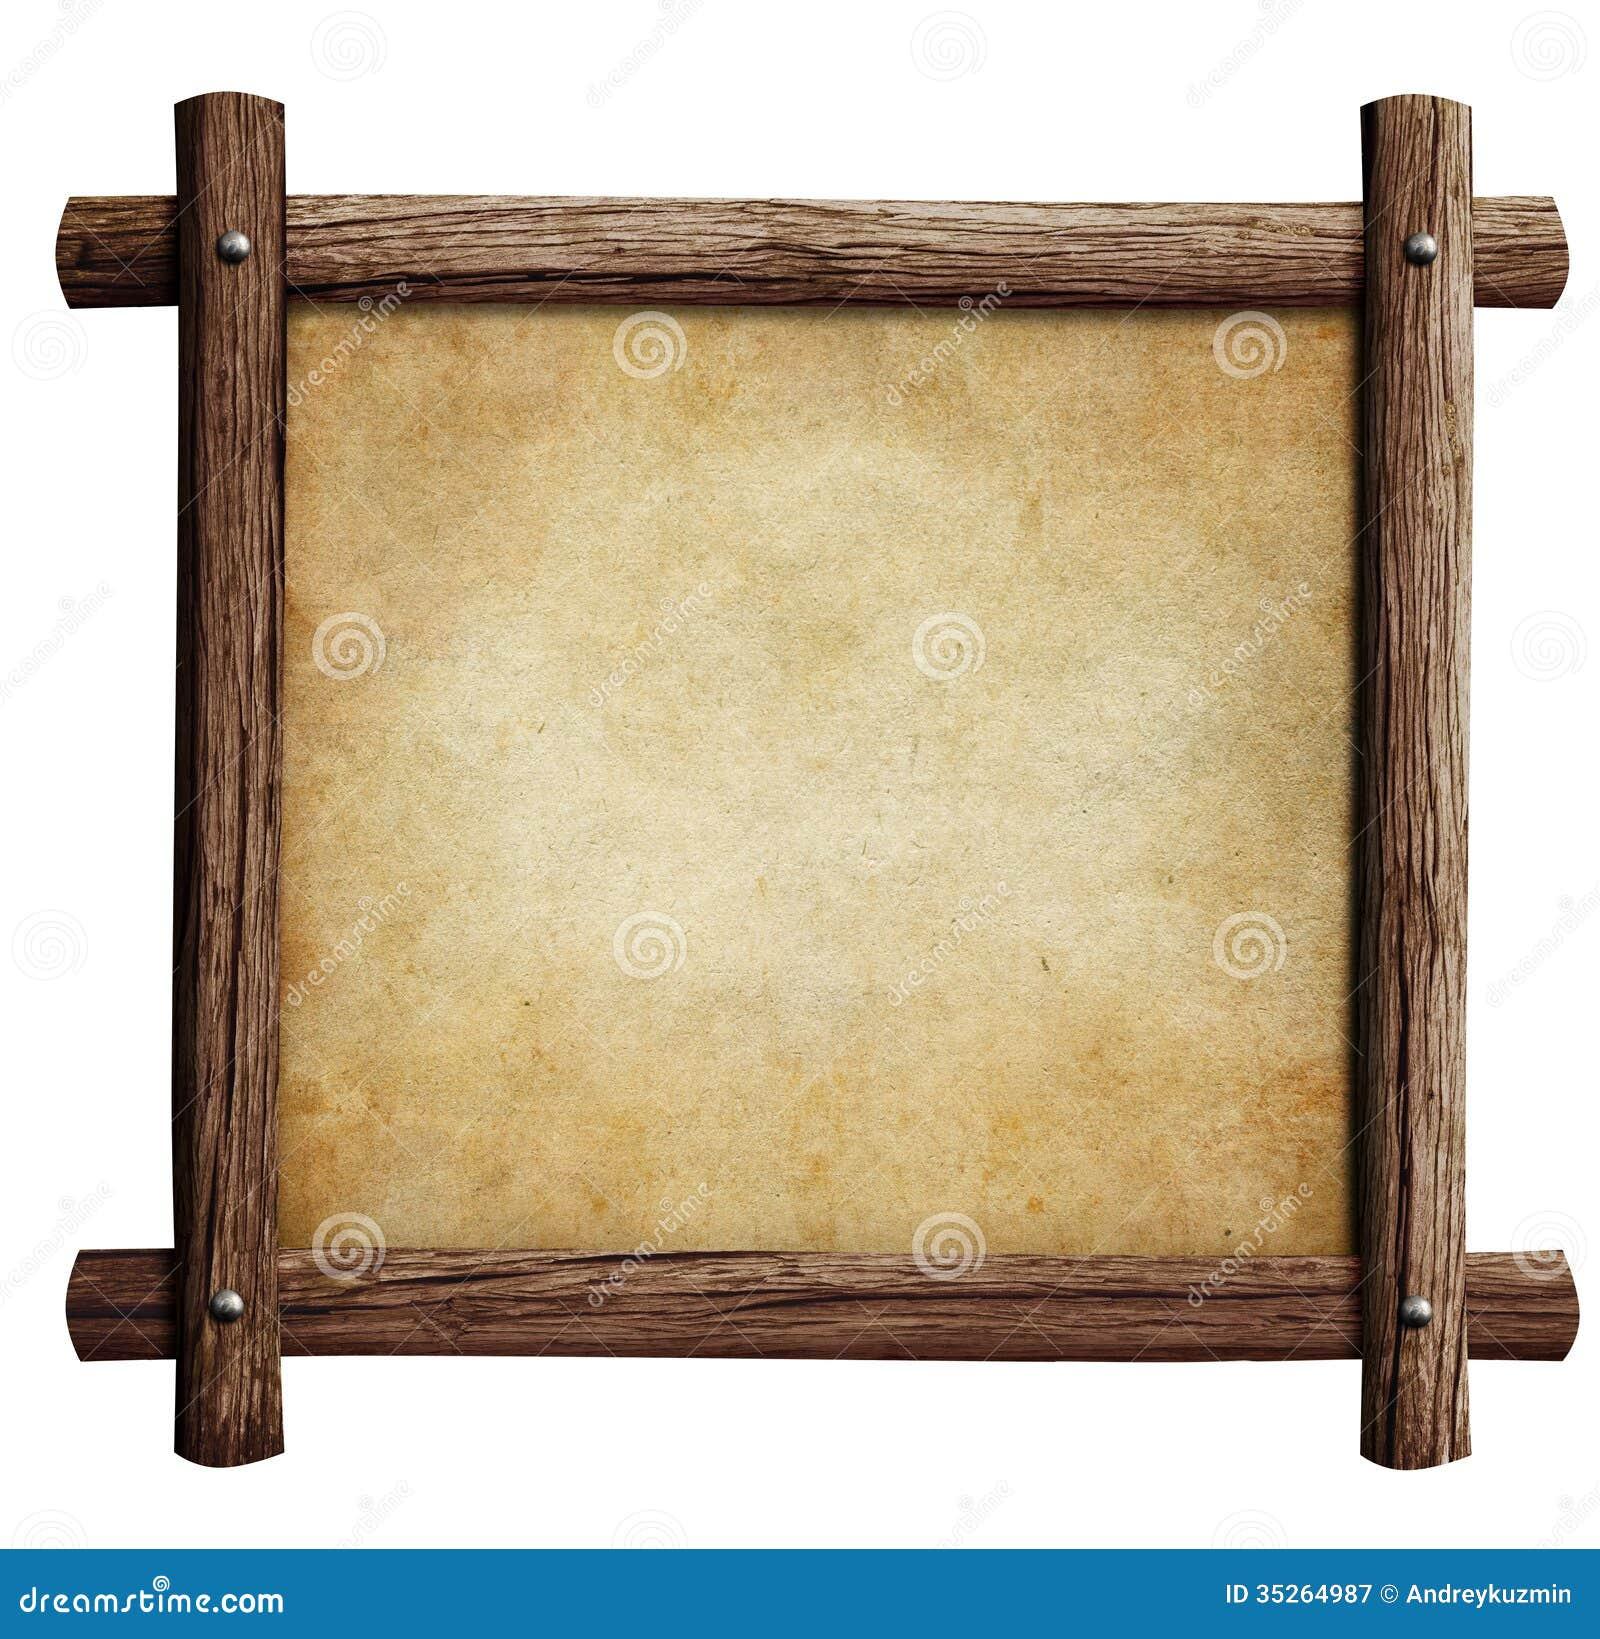 vieux cadre en bois avec le fond de papier ou de parchemin. Black Bedroom Furniture Sets. Home Design Ideas